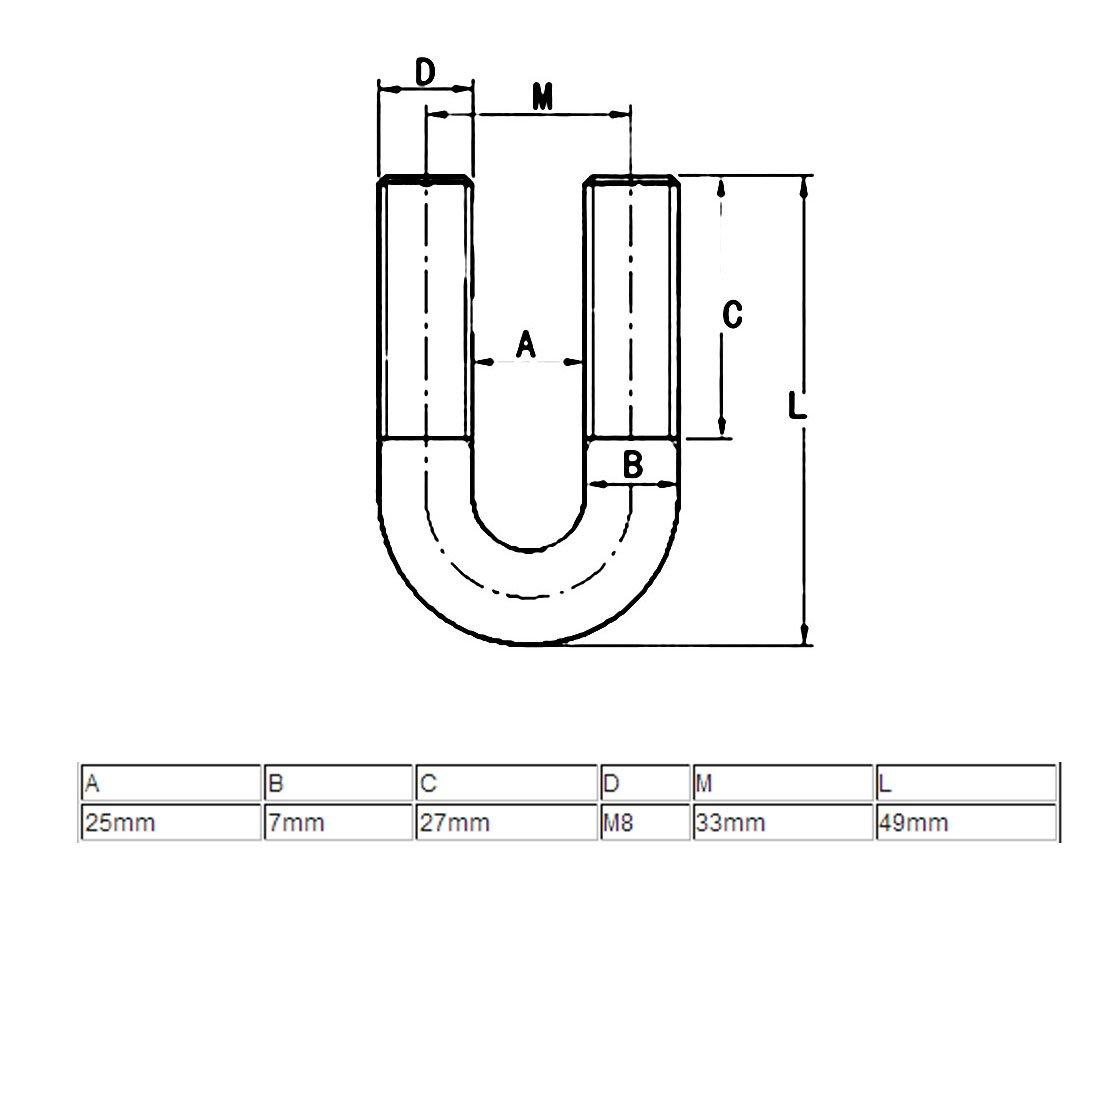 Aexit Boules en U rondes en U de coude rond en acier inoxydable 304 du filetage M8 304 pour le tuyau de diam/ètre de 22mm SD301623B124416Z